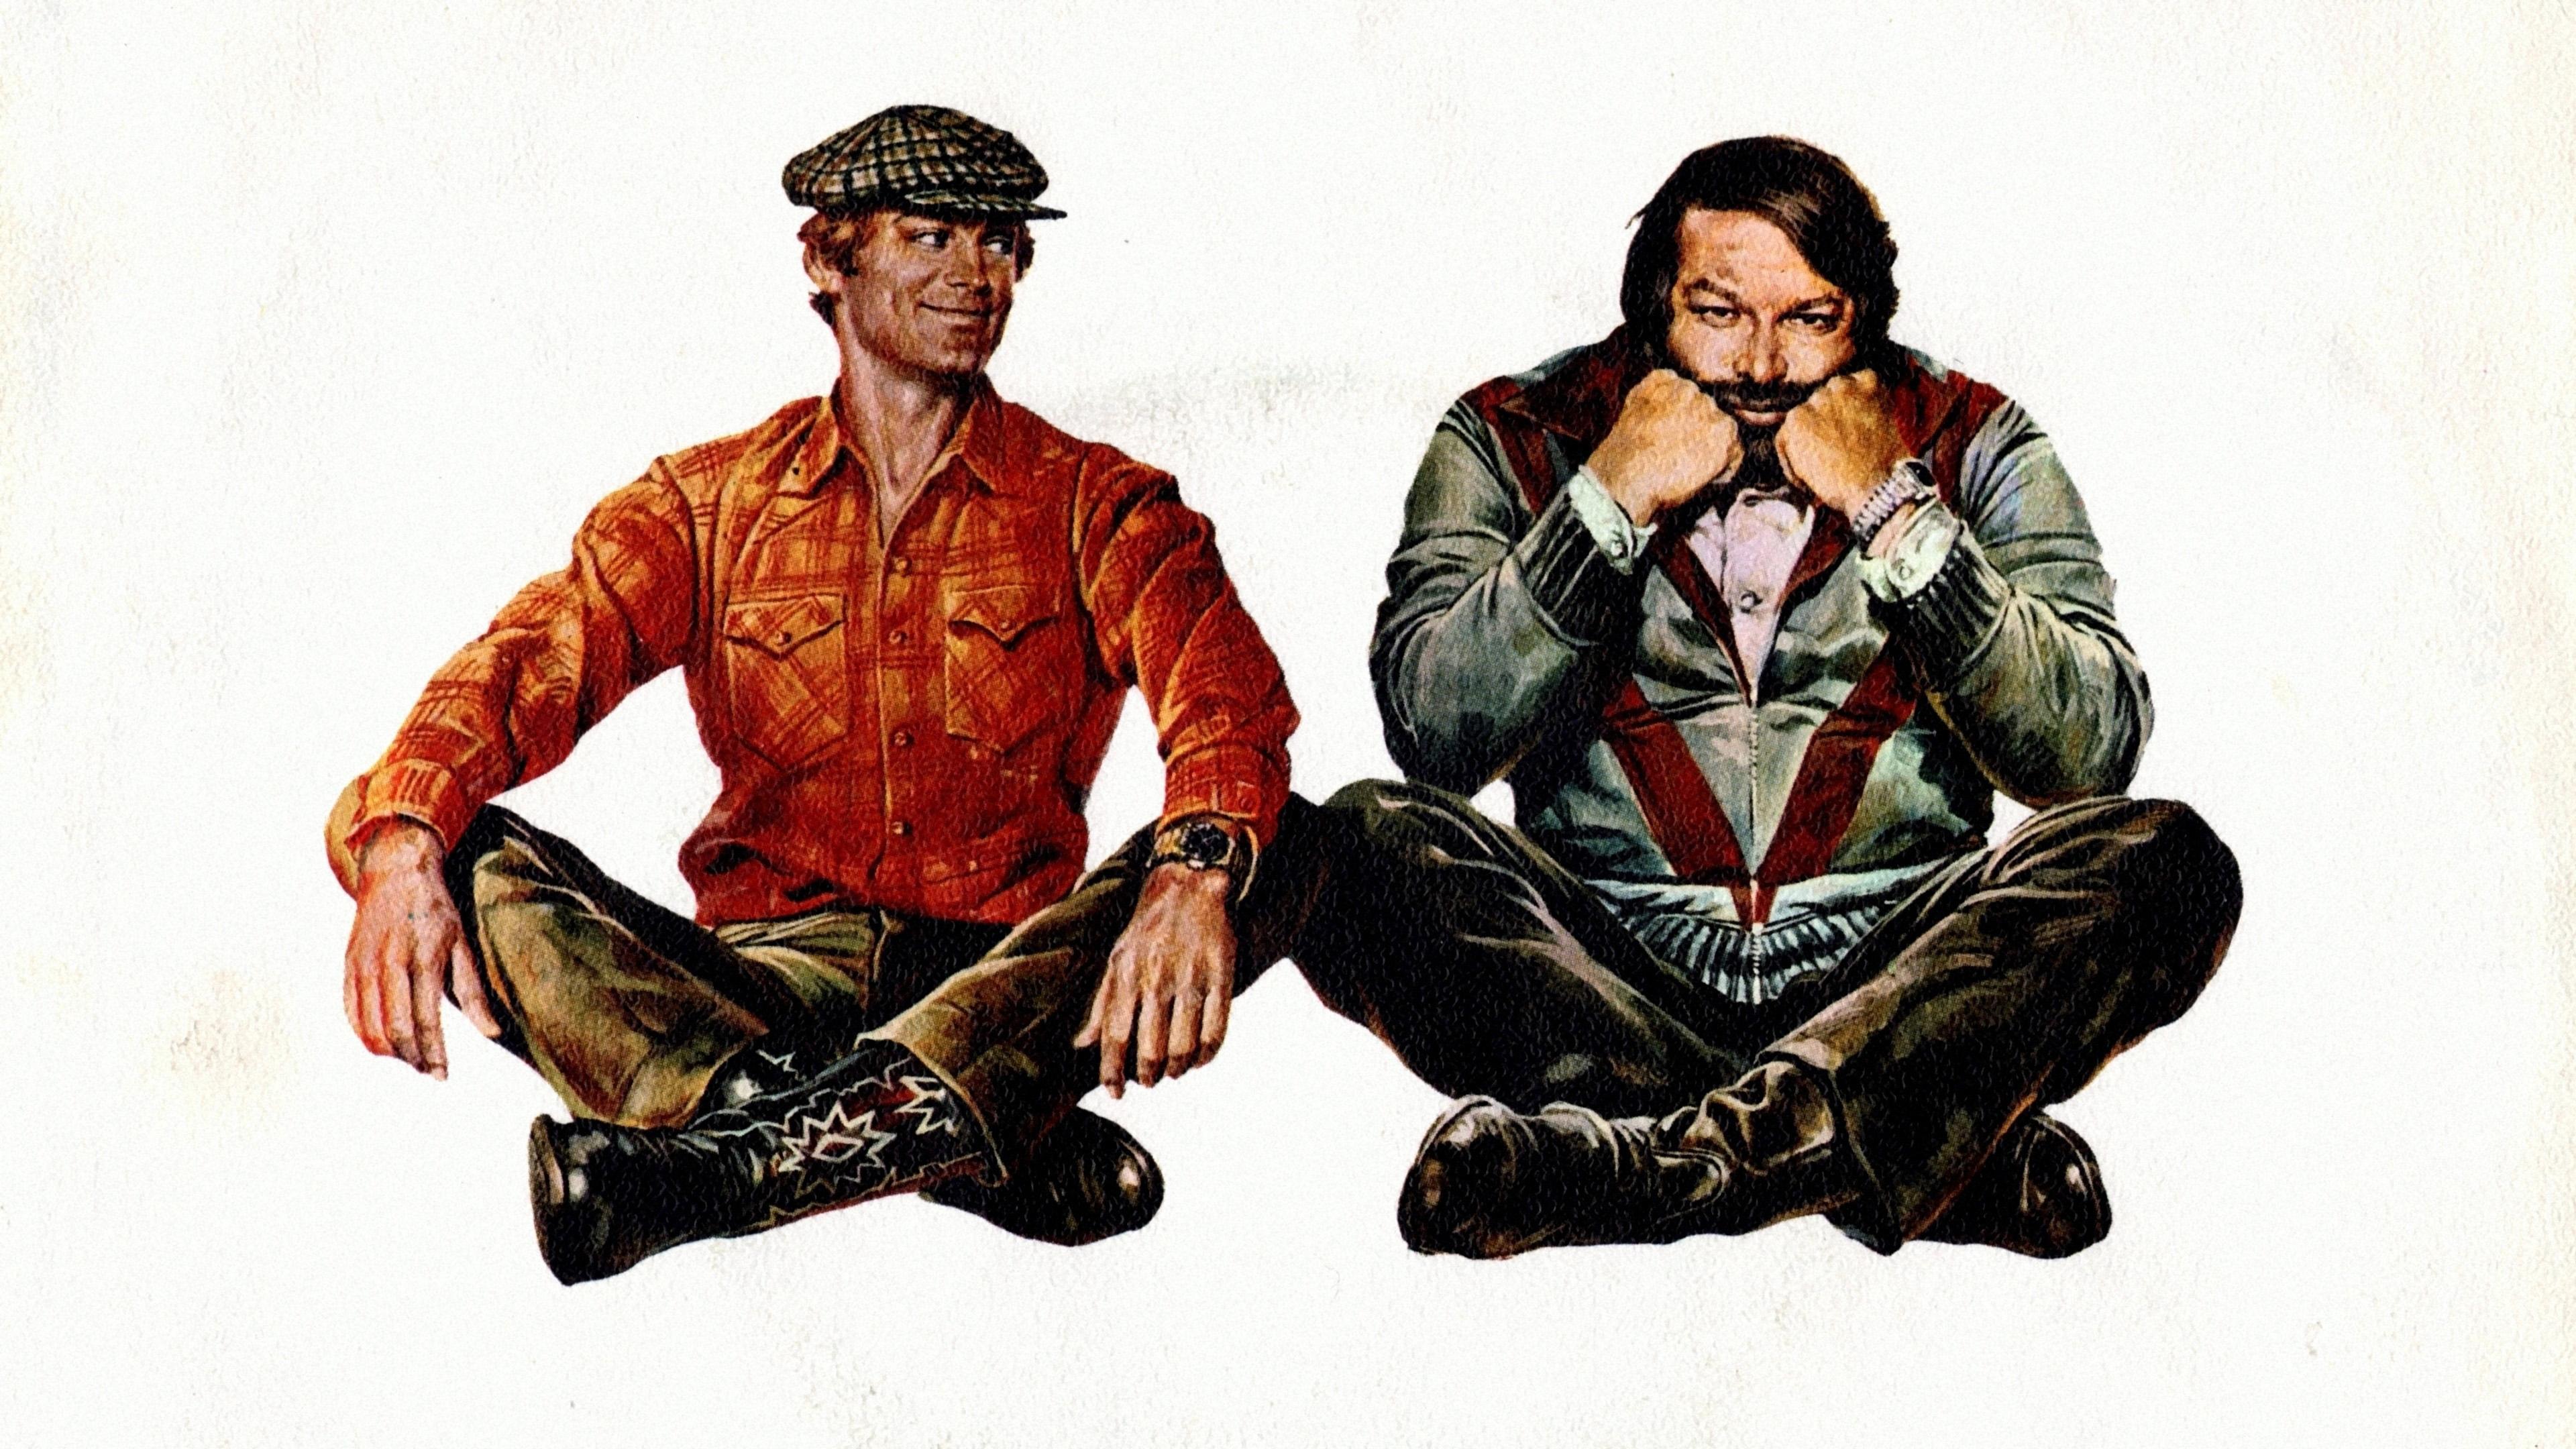 Реклама-плакат с главными героями комедии